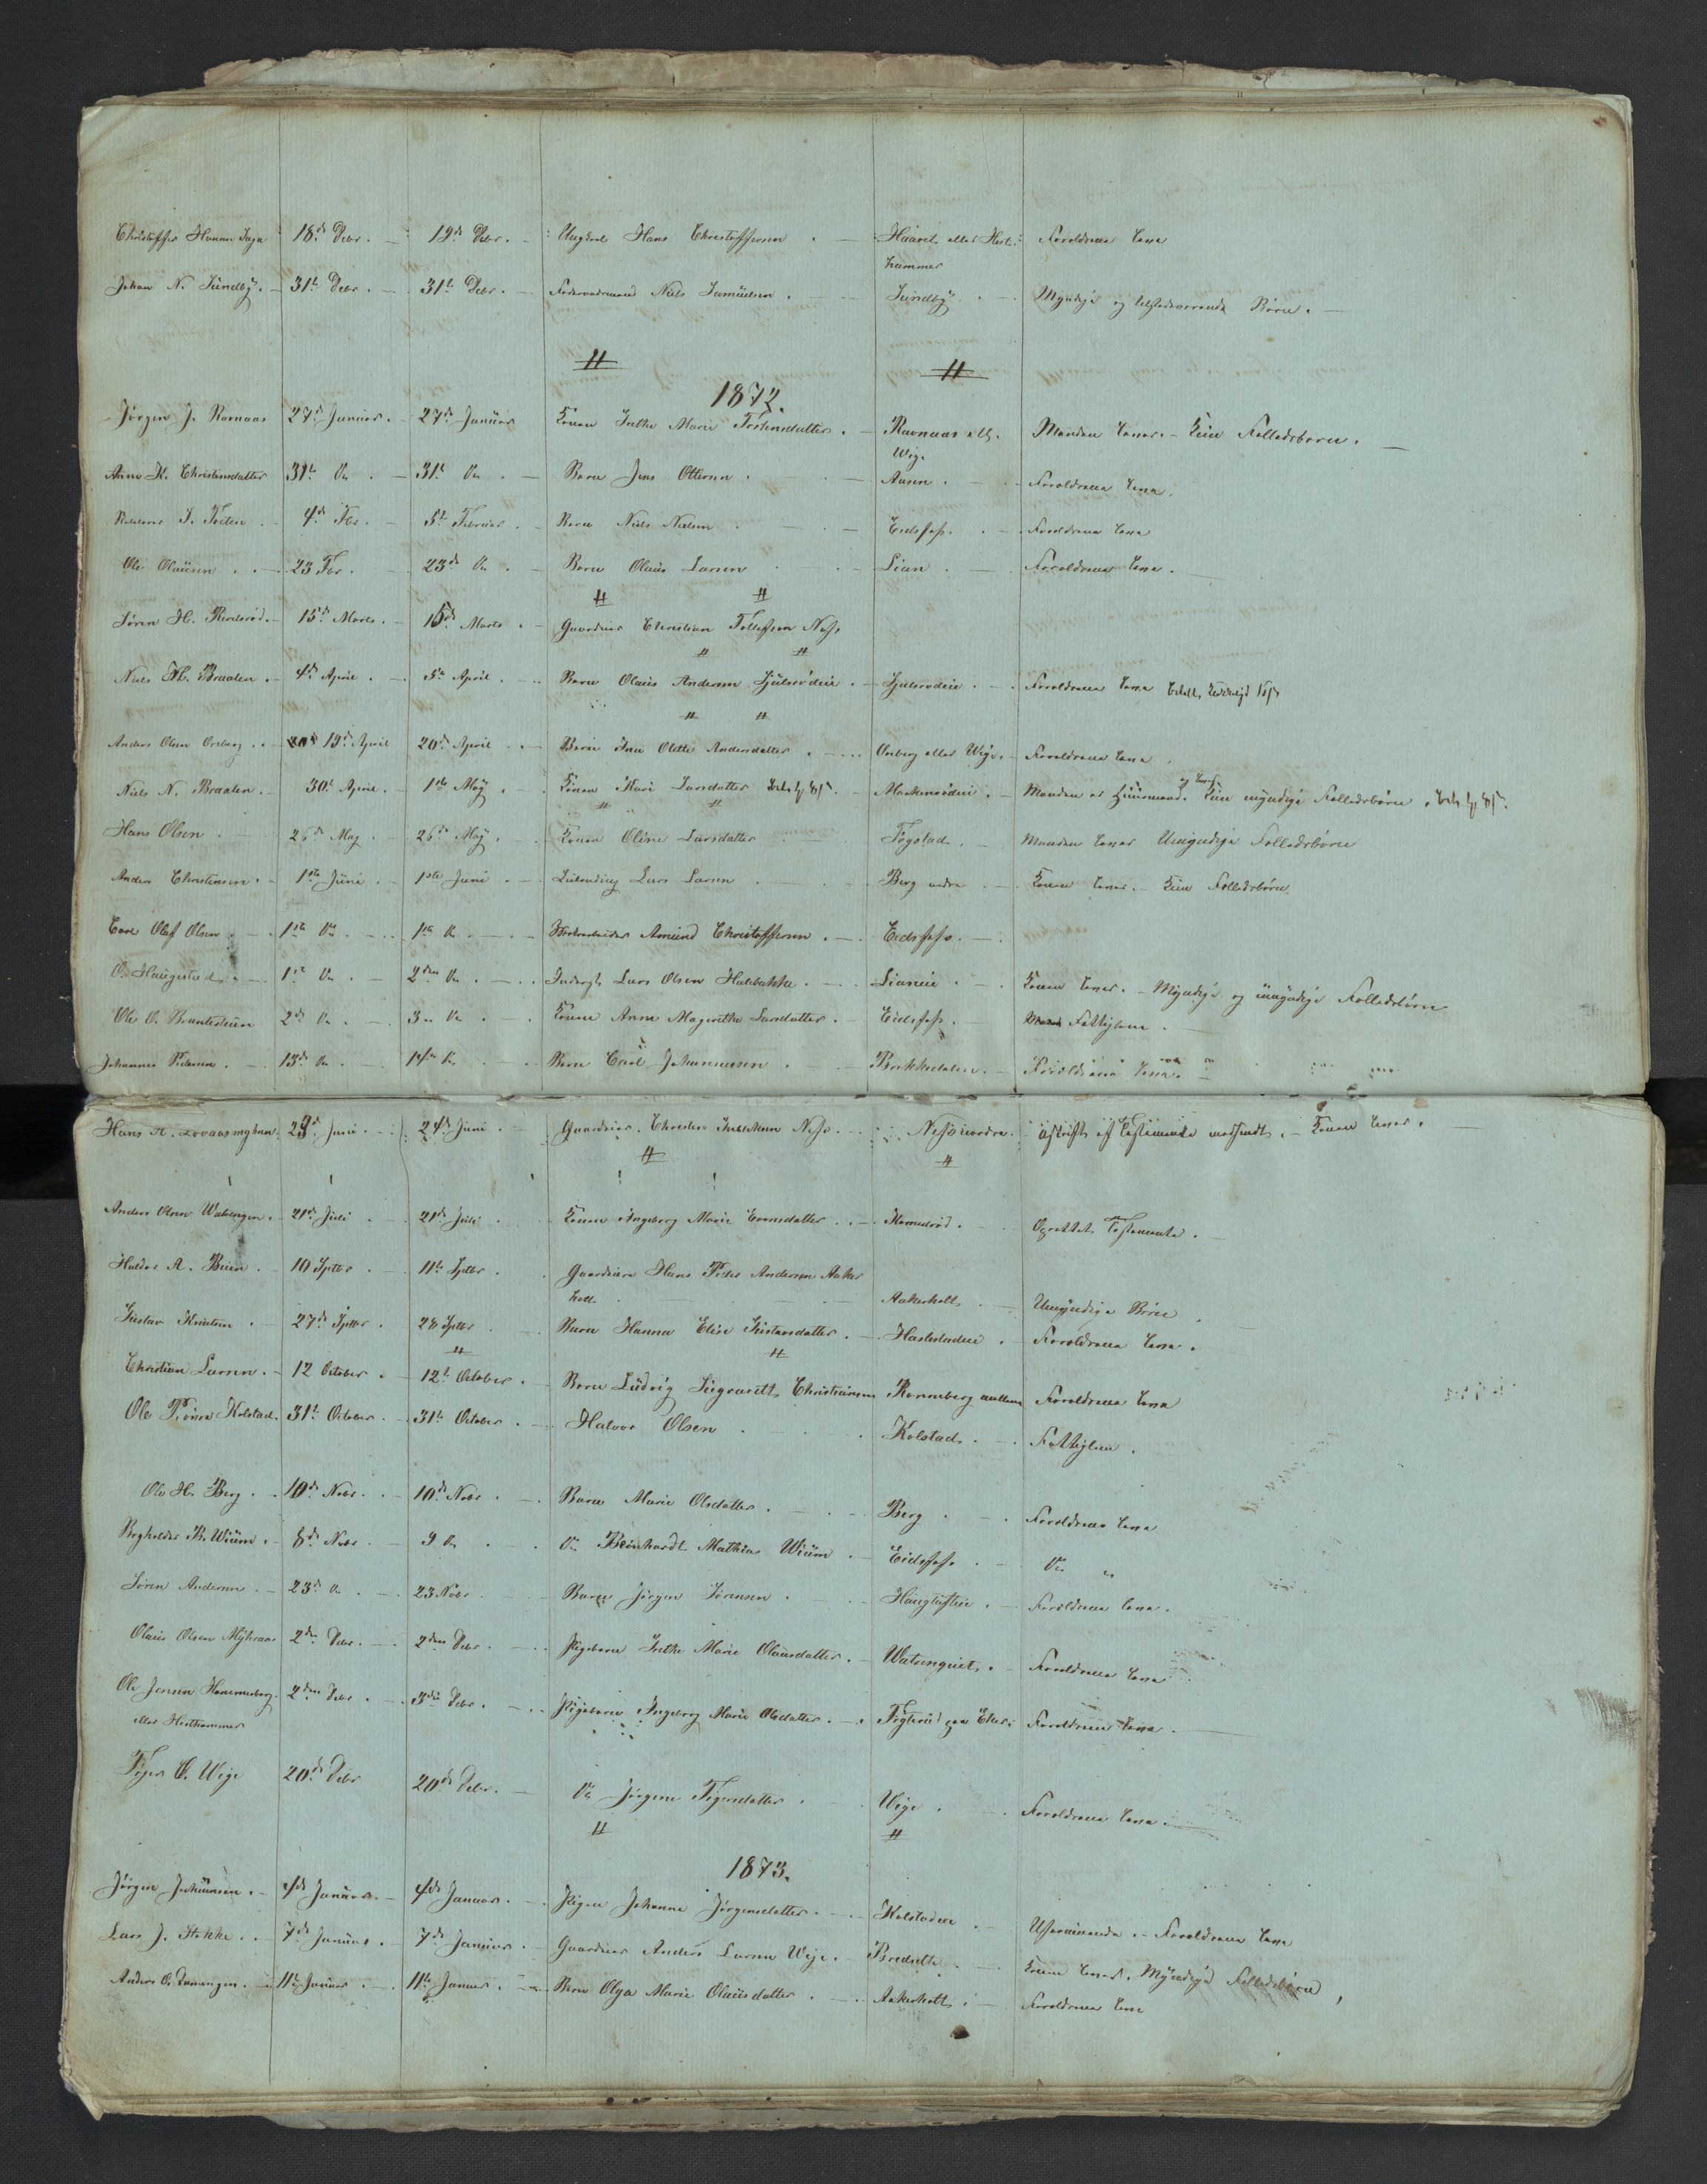 SAKO, Hof lensmannskontor, H/Ha/L0001: Dødsanmeldelseprotokoll, 1849-1908